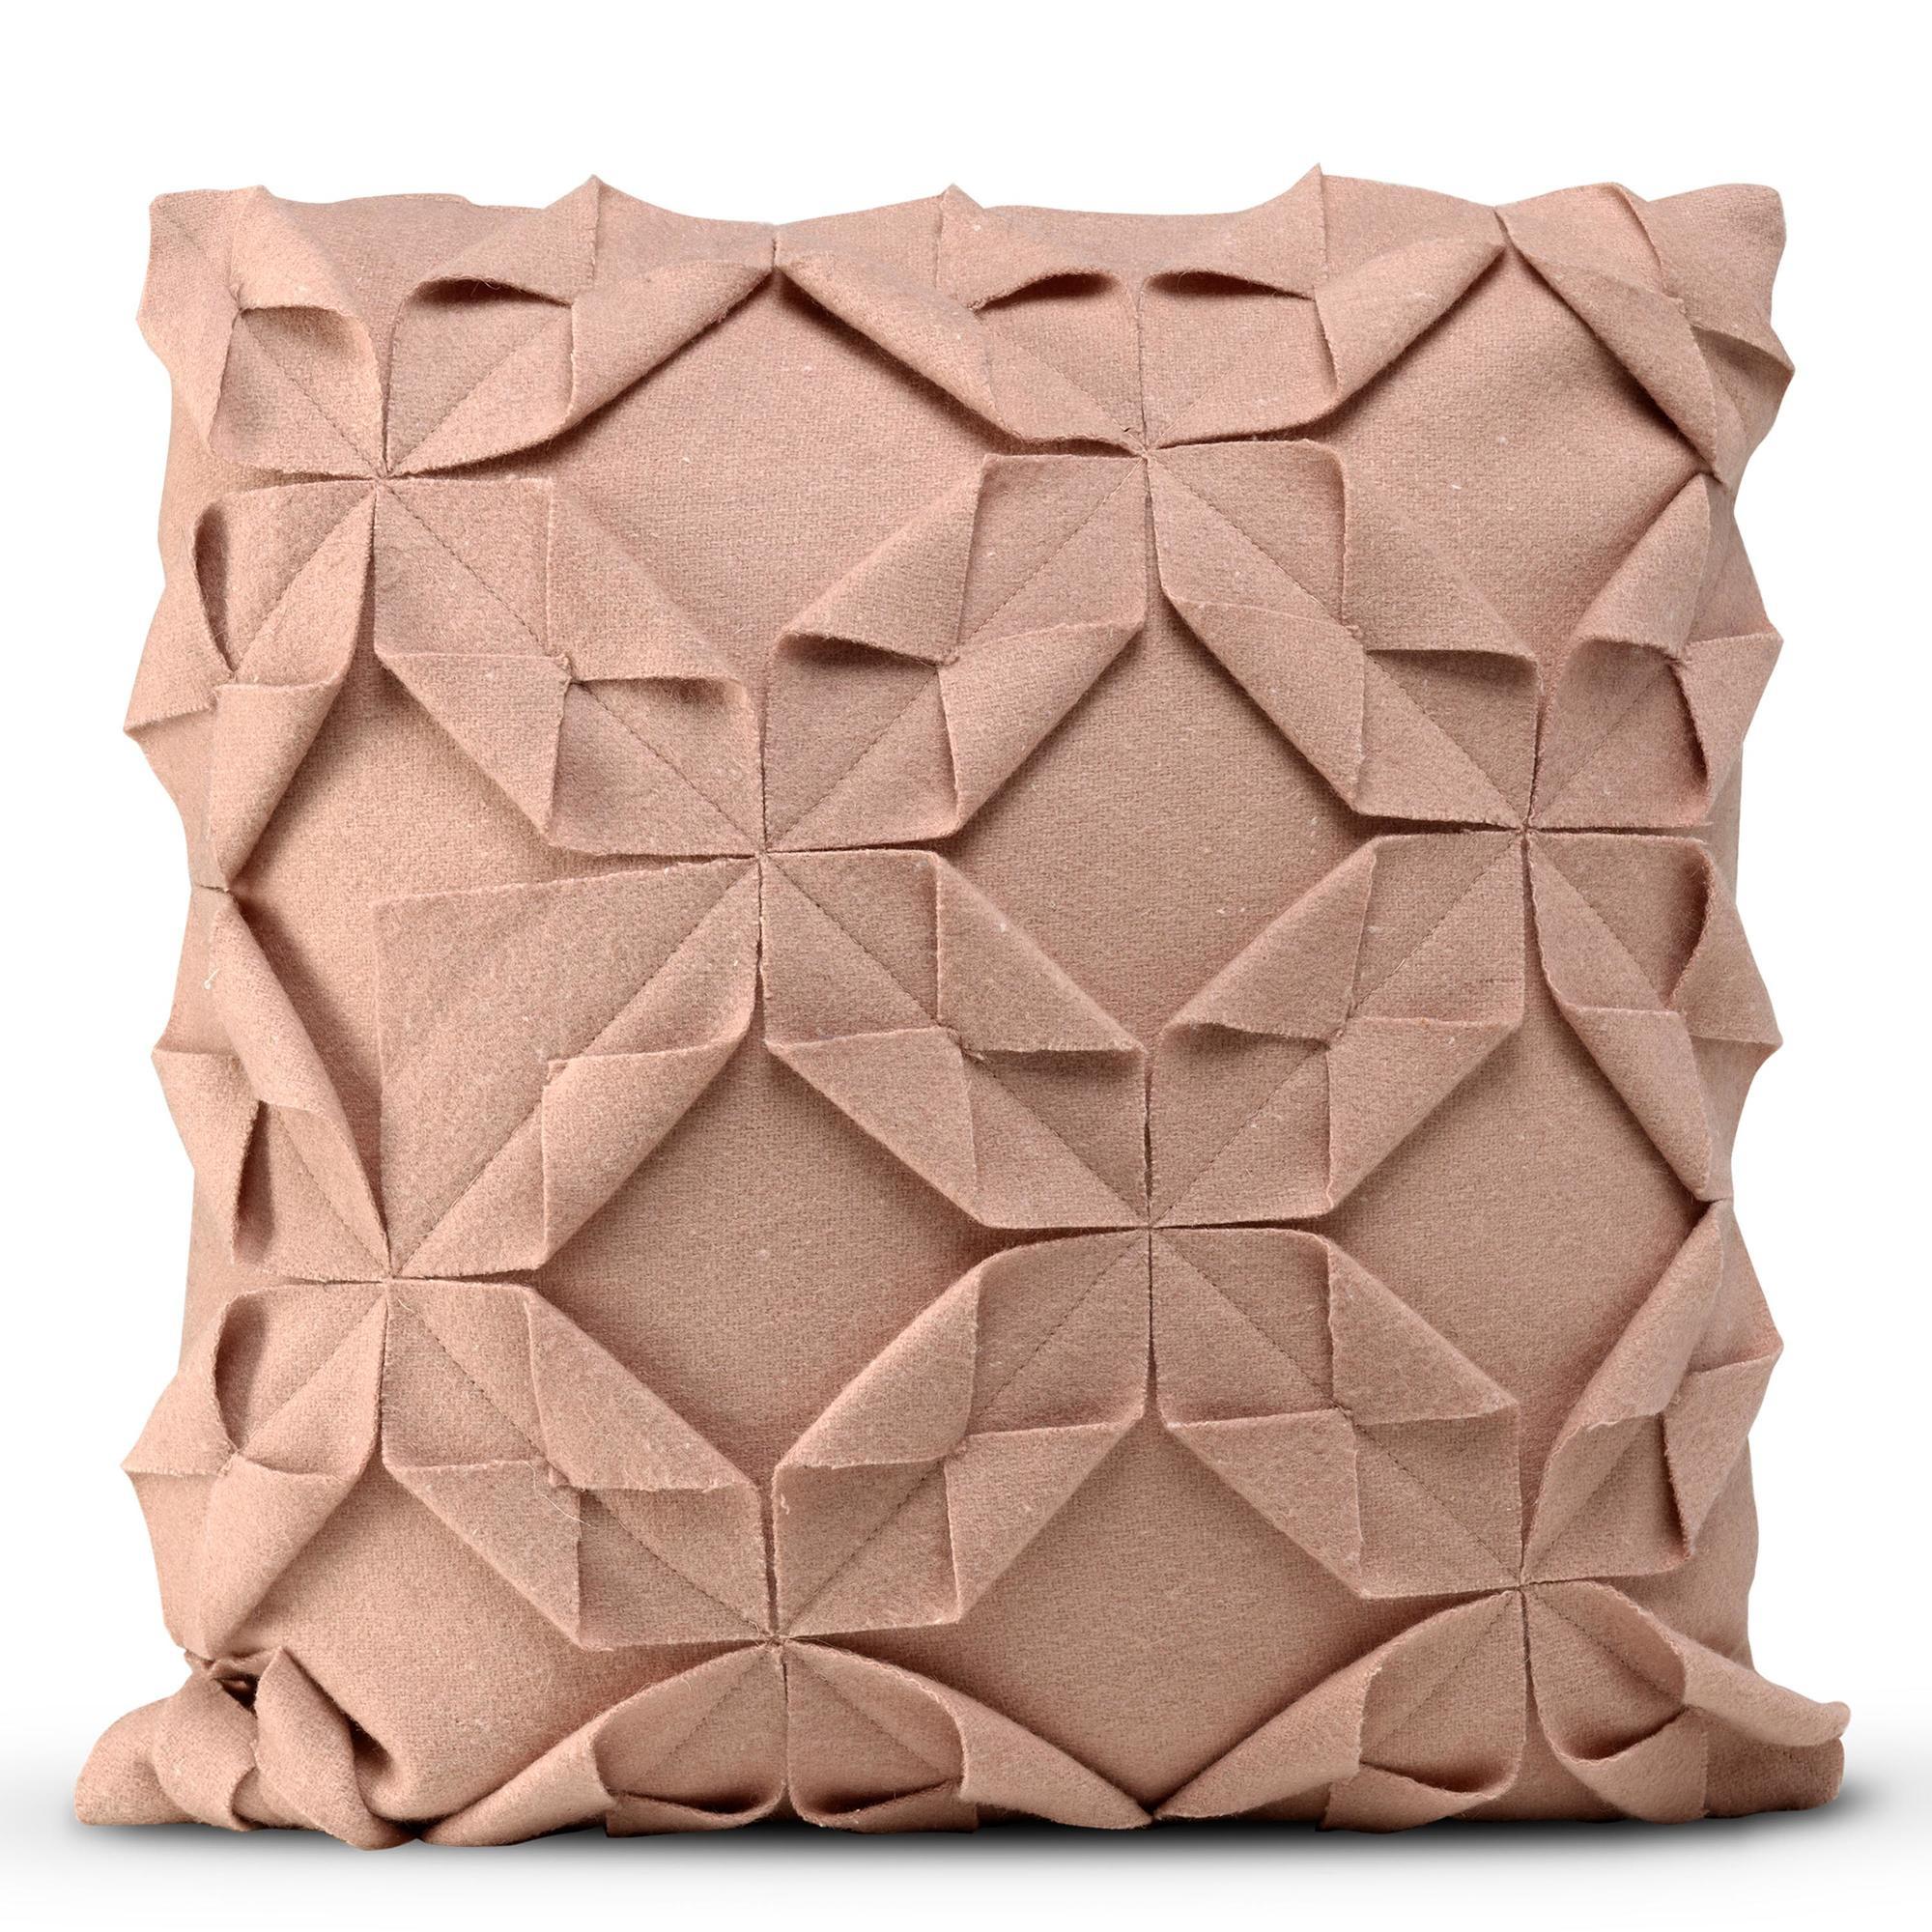 Kussenhoes 50 x 50 cm Origami Felt | Oudroze